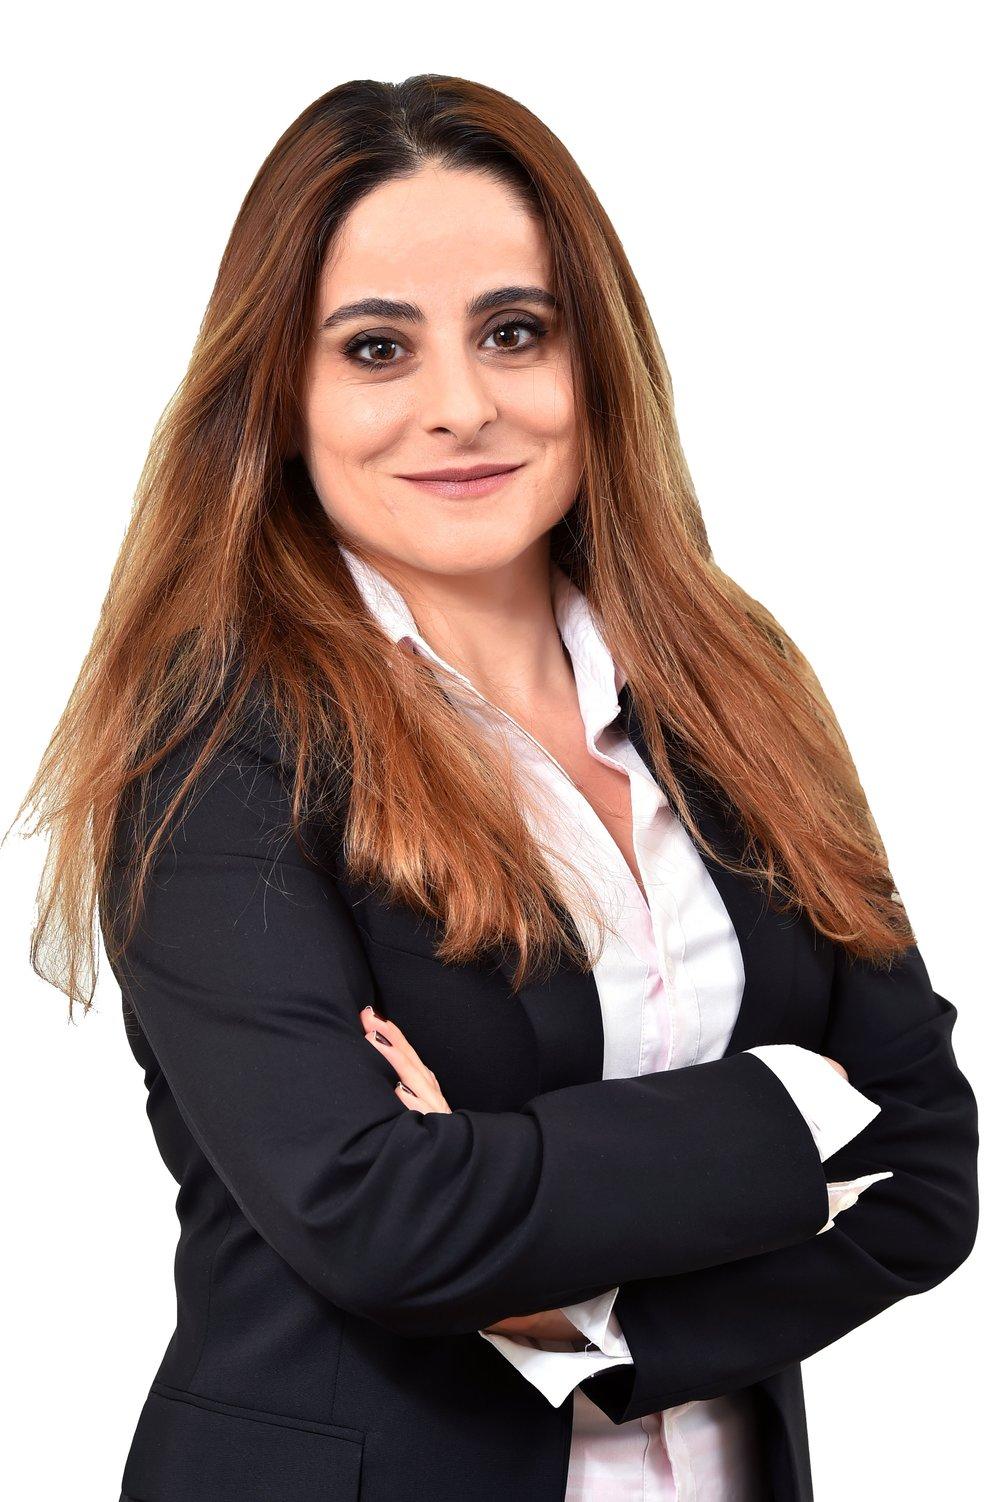 Asma Lakkis CM&AA KPIP®Partner -